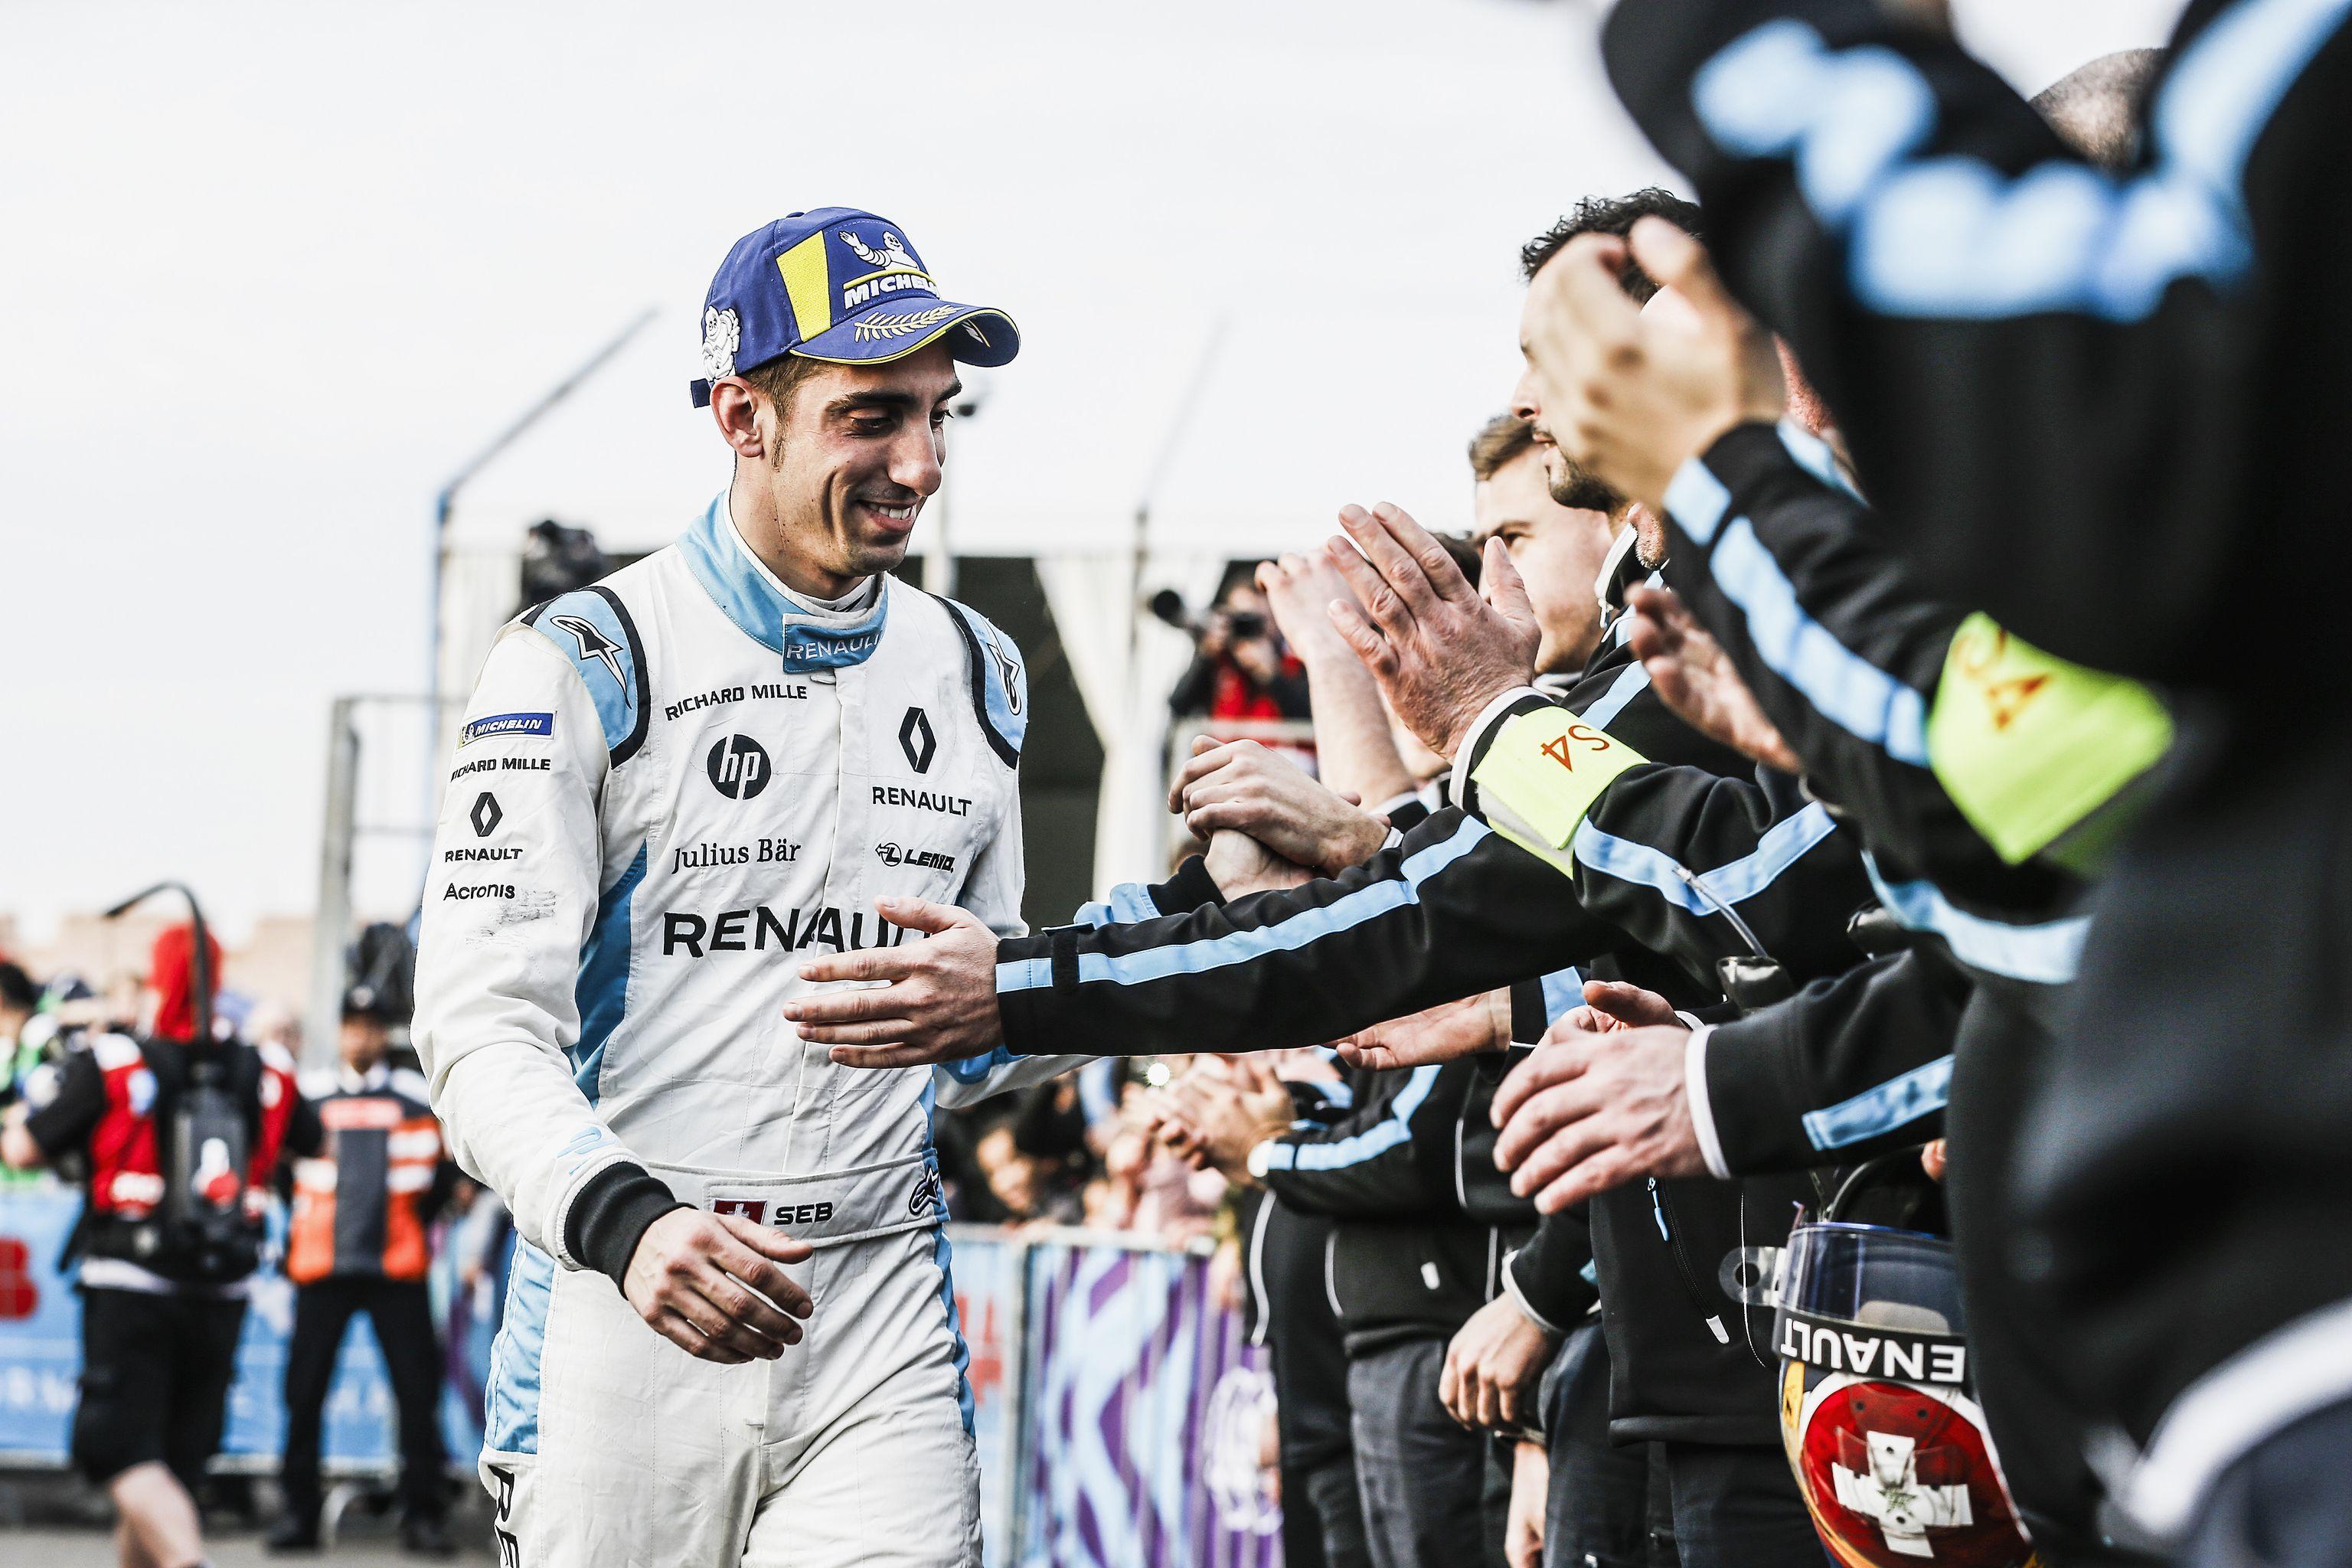 Команда Renault E.dams победно финишировала в Марракеше